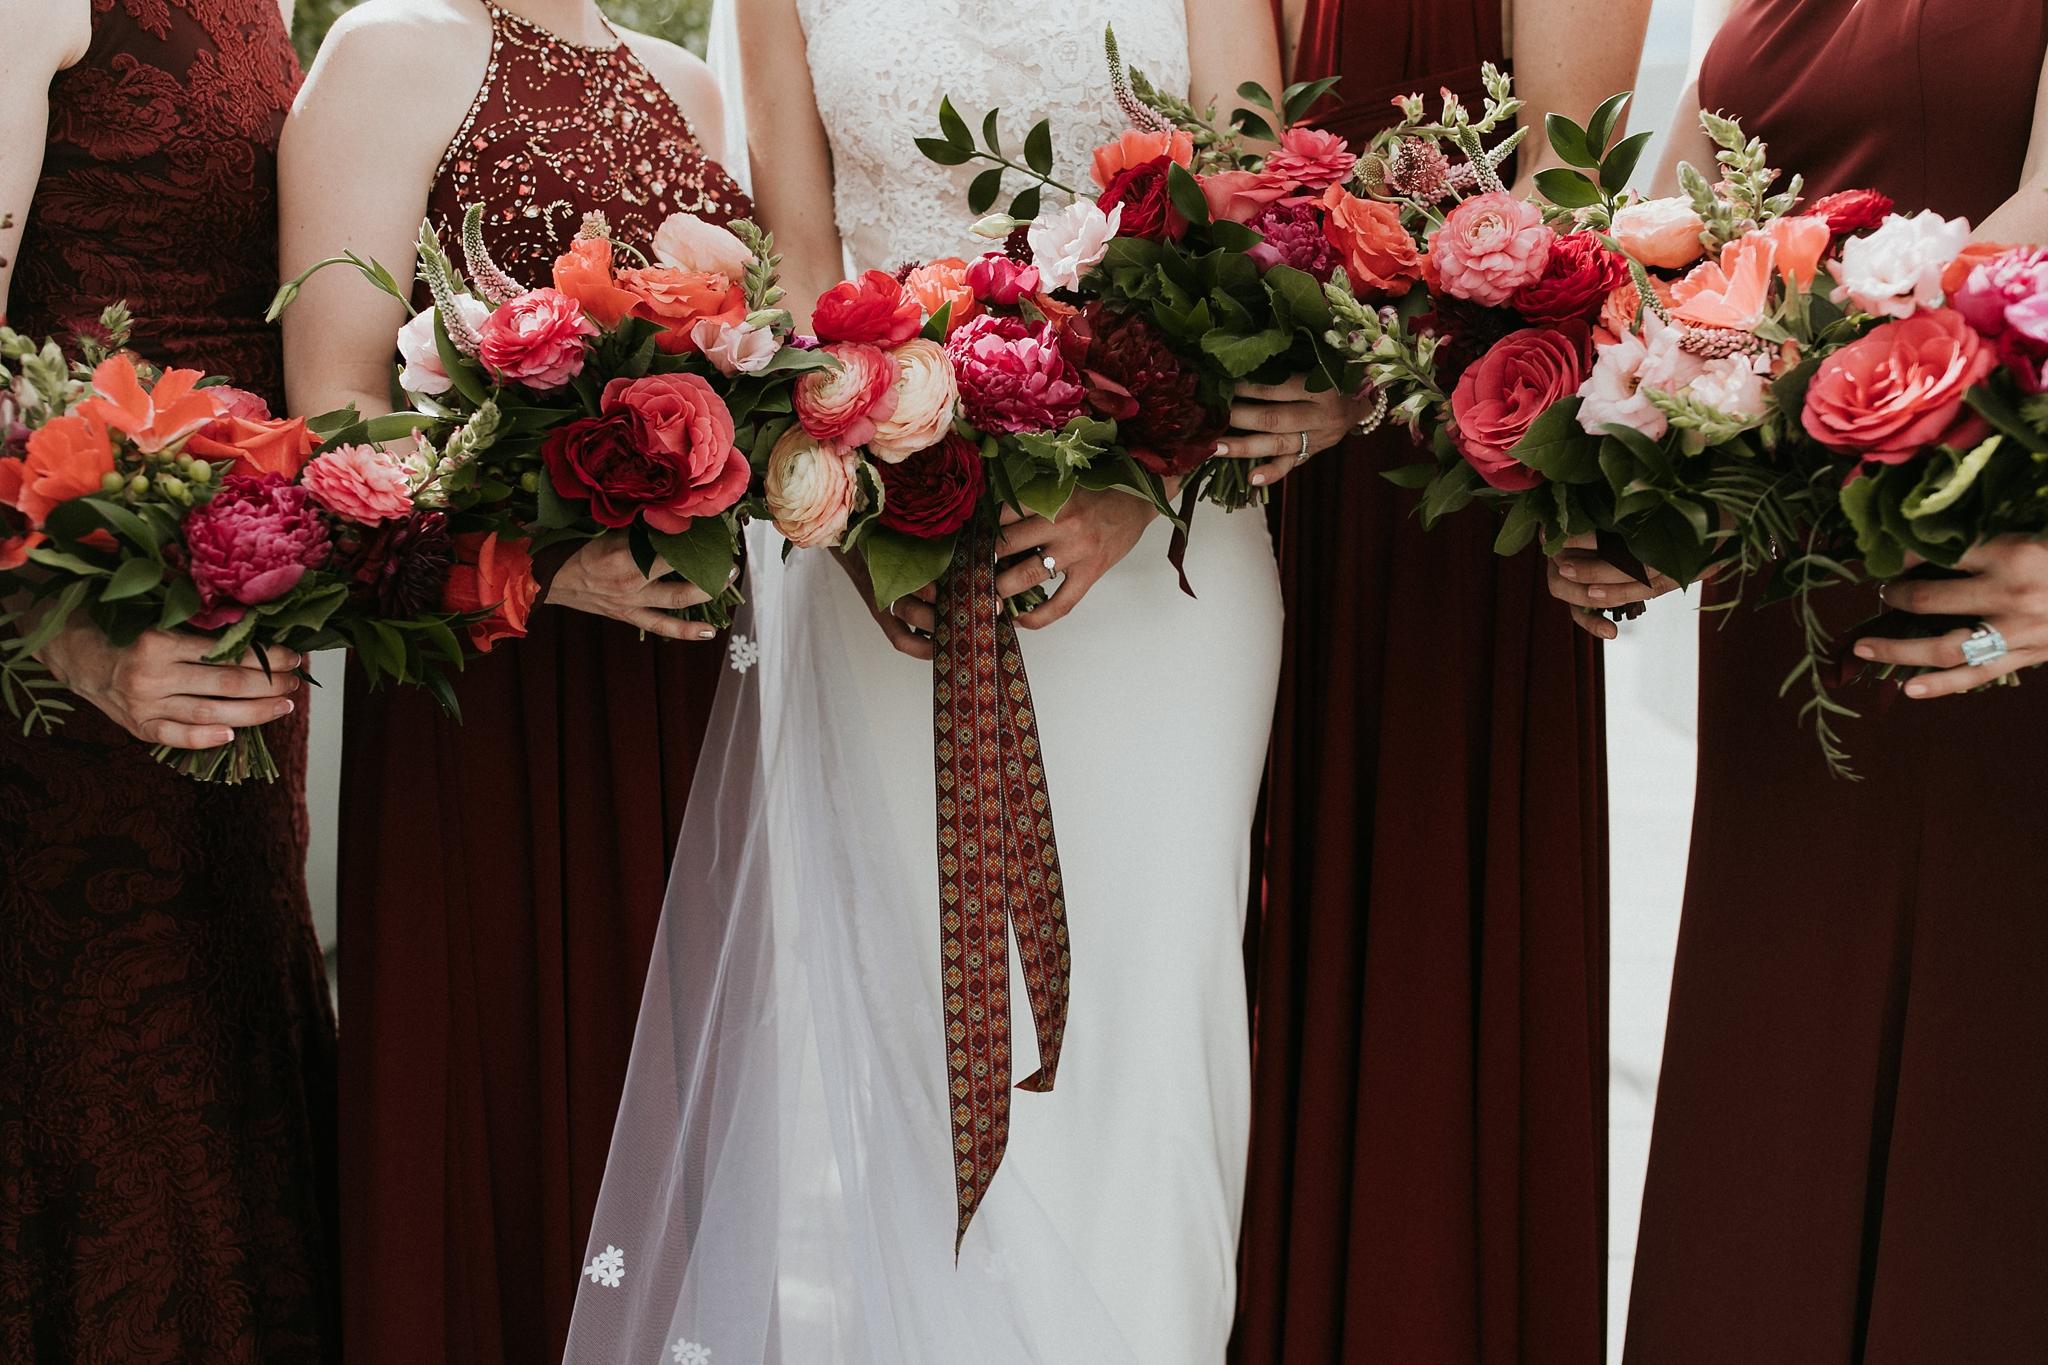 Alicia+lucia+photography+-+albuquerque+wedding+photographer+-+santa+fe+wedding+photography+-+new+mexico+wedding+photographer+-+new+mexico+wedding+-+new+mexico+wedding+-+colorado+wedding+-+bridesmaids+-+bridesmaid+style_0016.jpg